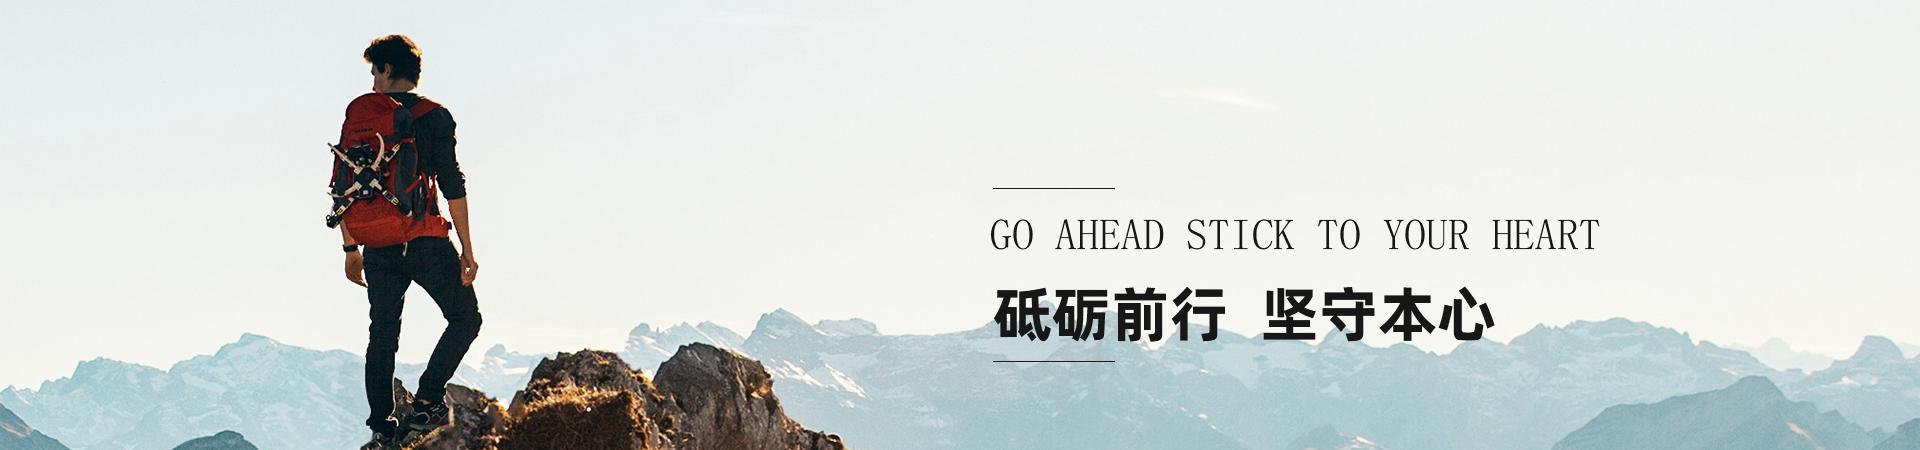 http://www.medsonic.com.cn/data/upload/202007/20200725085721_708.jpg